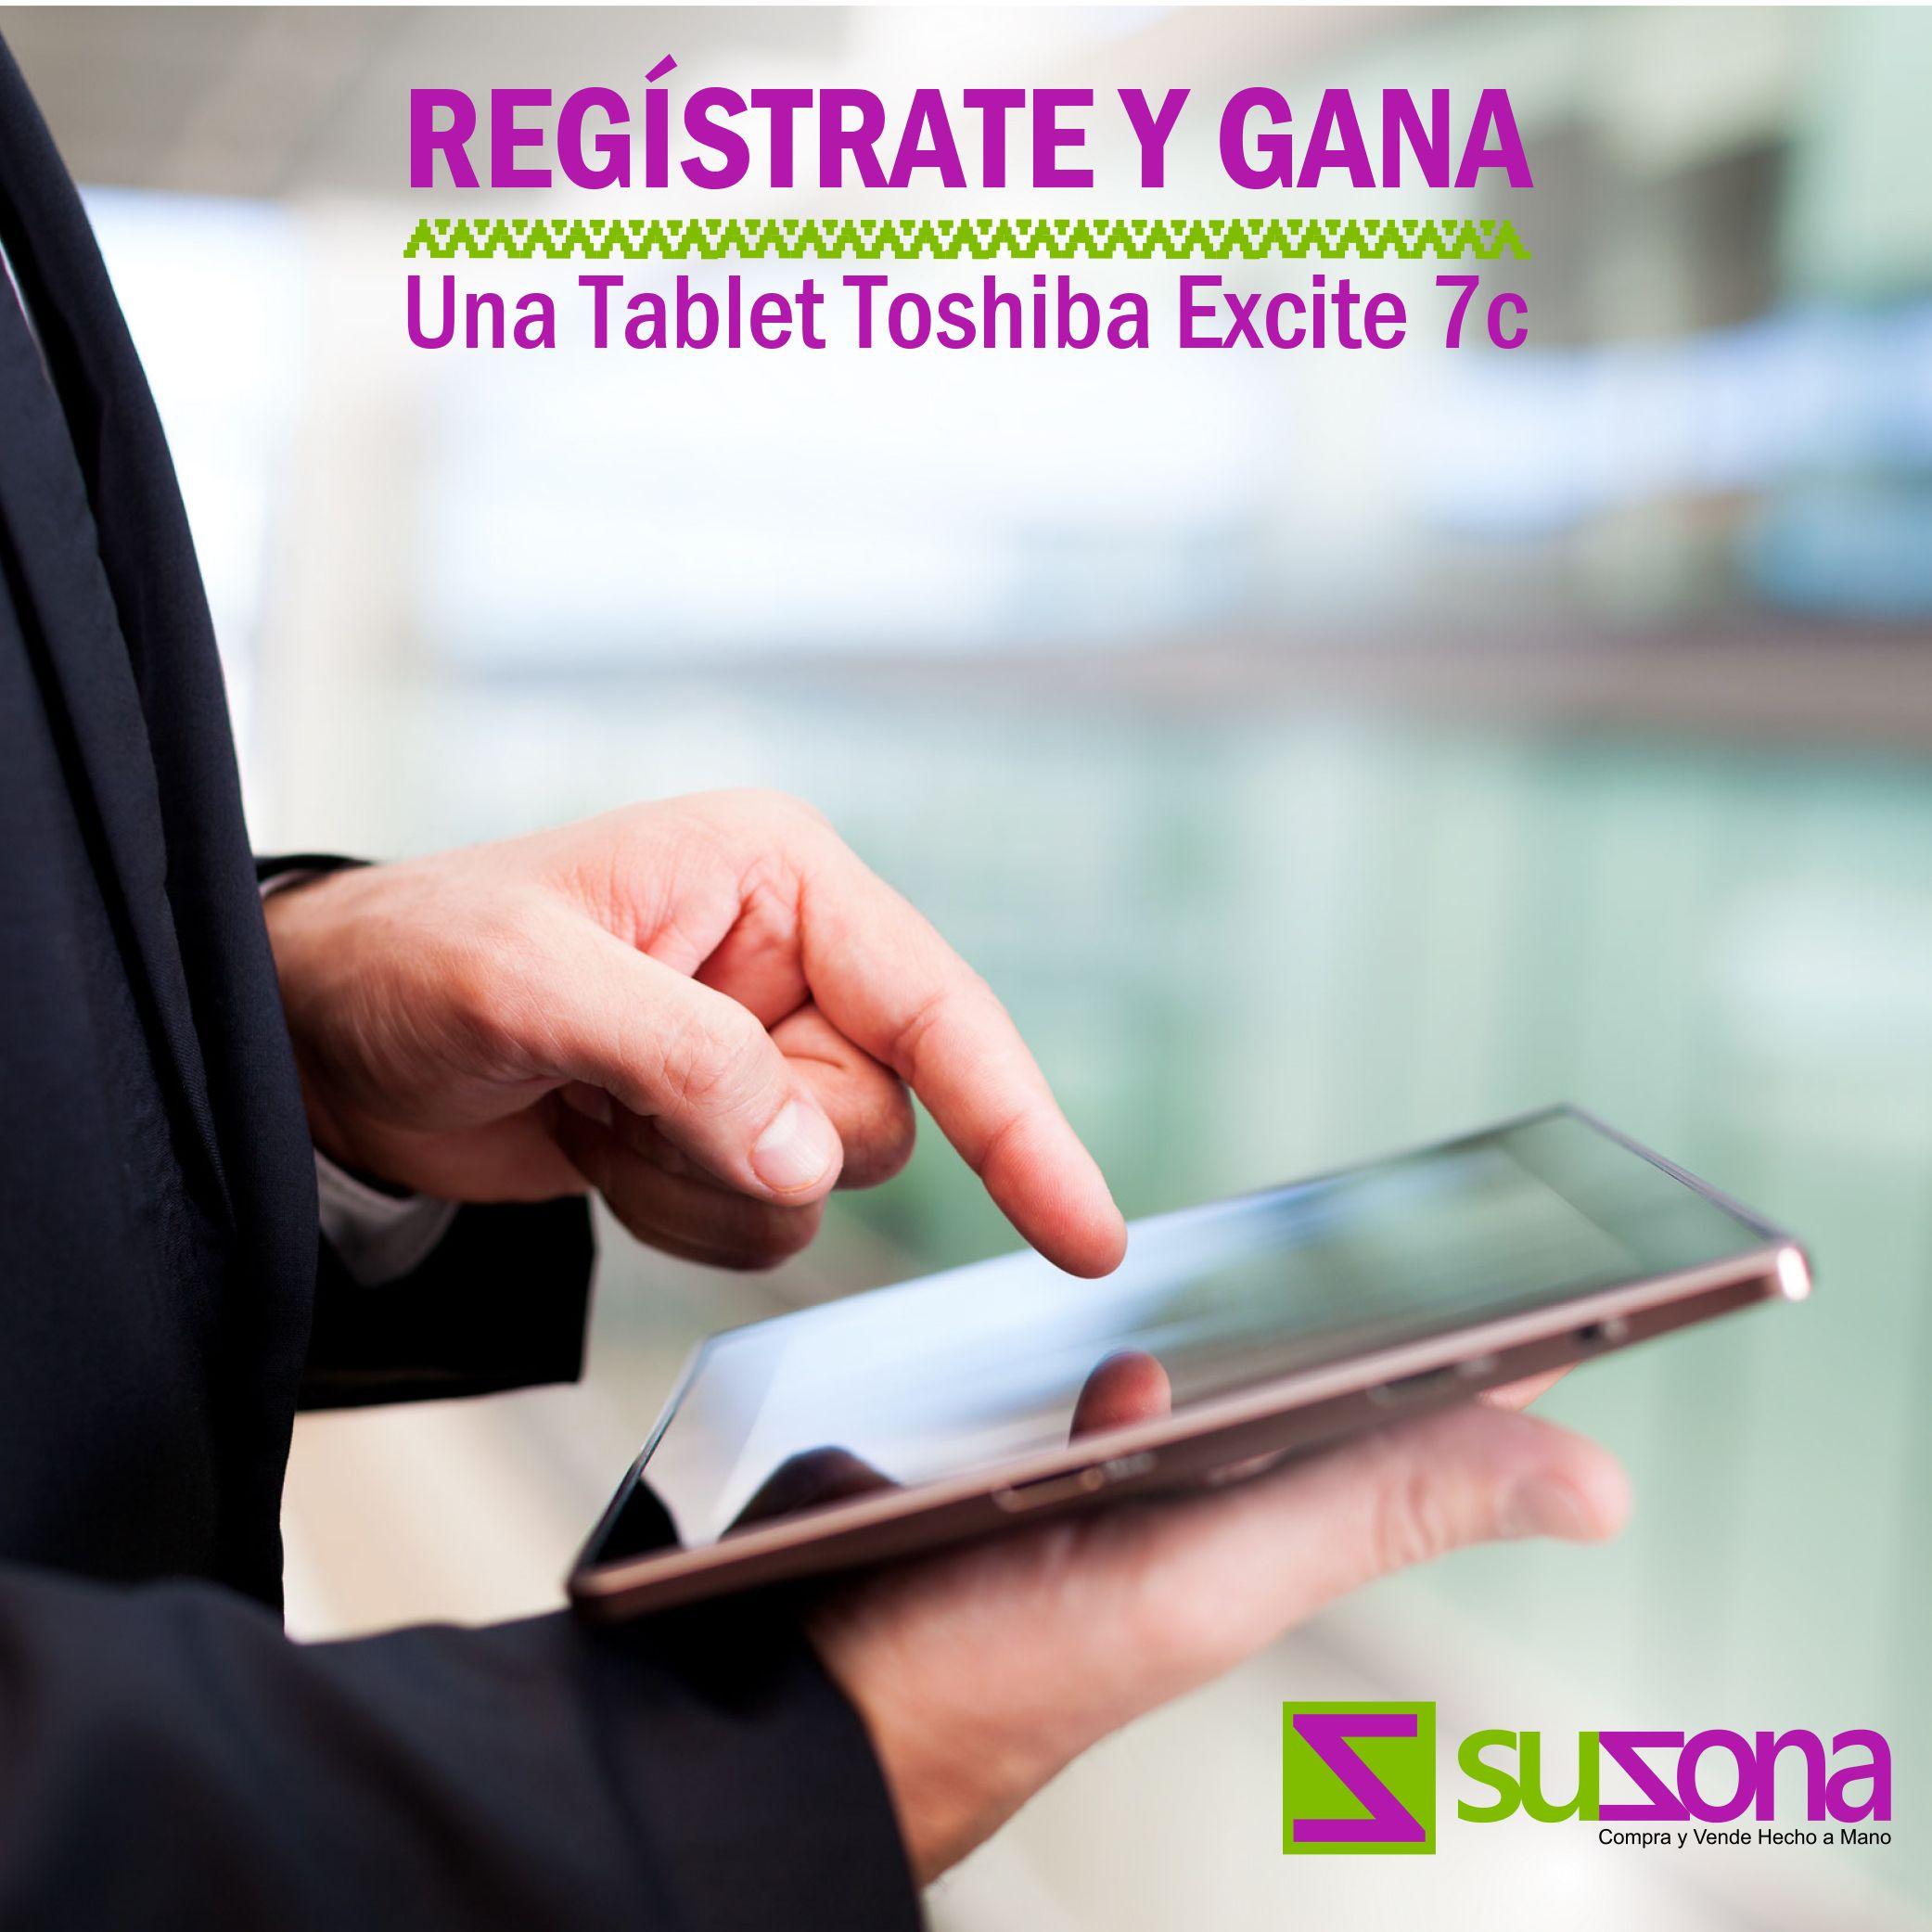 ¿Elaboras manualidades o artesanías? Crea tu tienda virtual, promociona tus productos y podrás ganarte una Tablet Toshiba Excite 7c. Regístrate en SUZONA.com